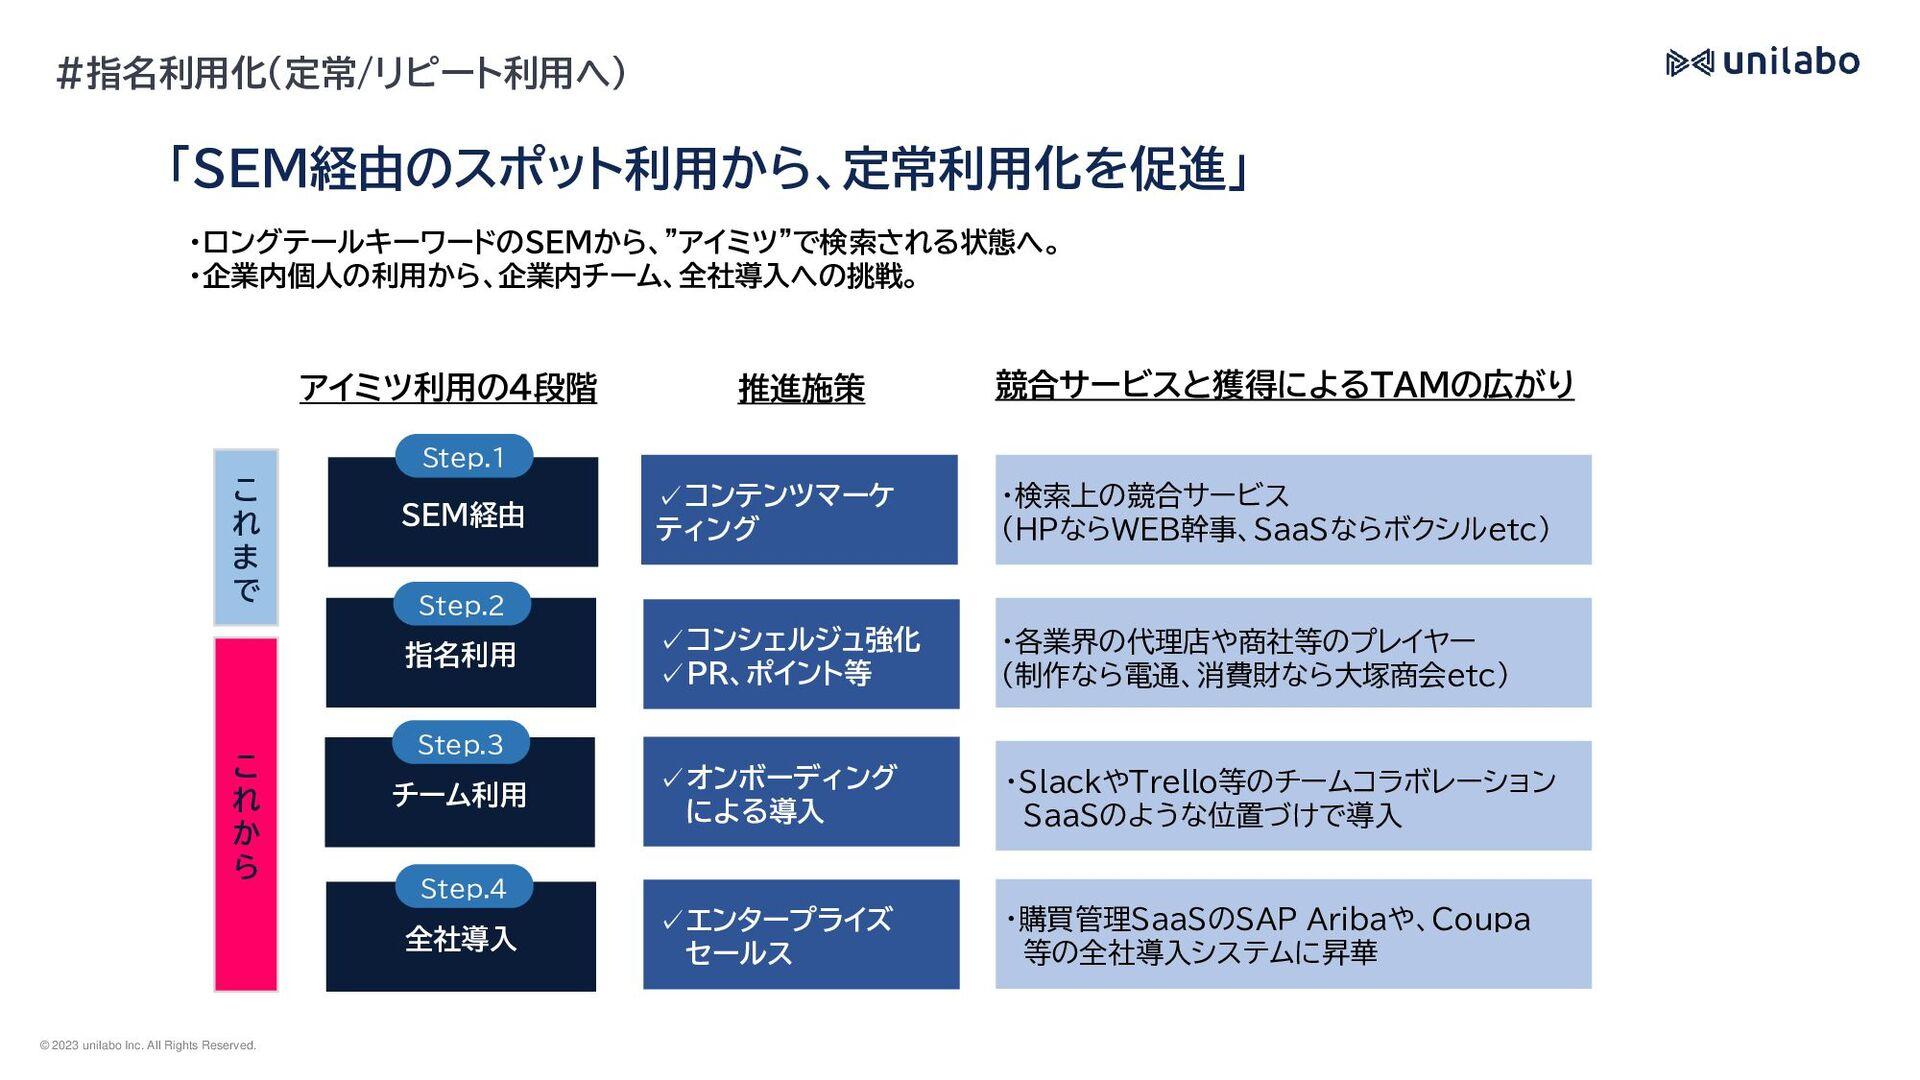 ユニラボ社員データ #社員構成